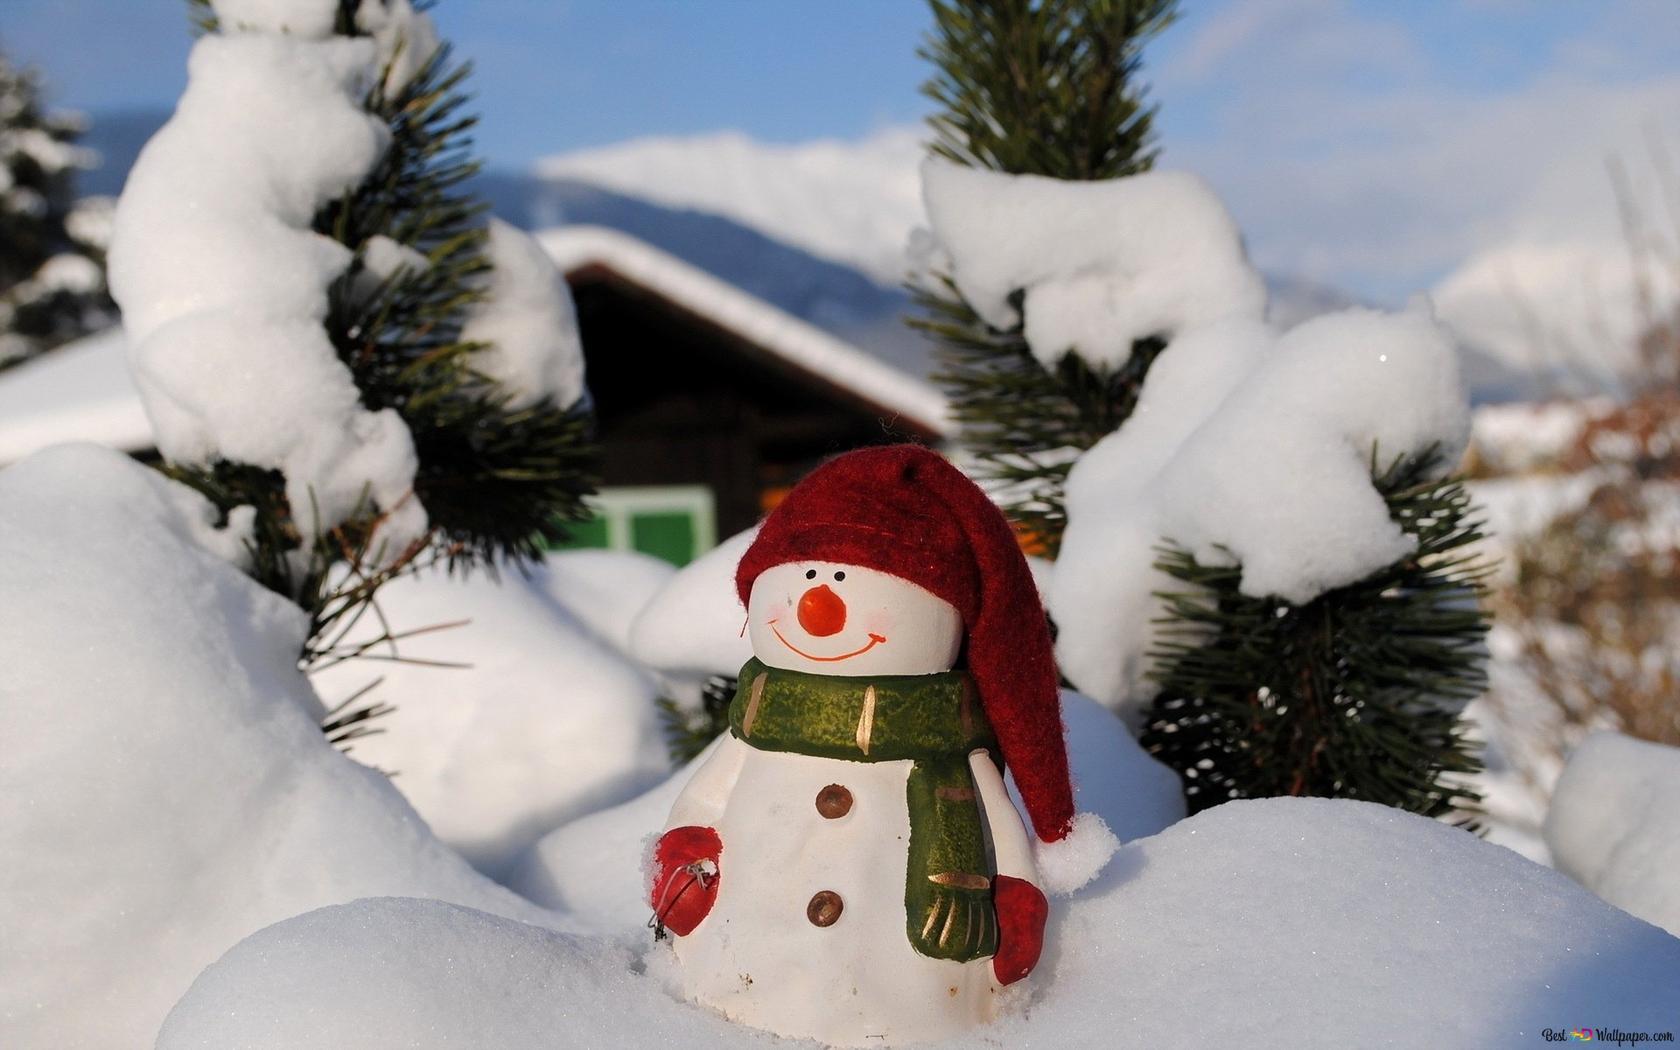 Schneemann Feiert Weihnachten Hd Hintergrundbilder Herunterladen